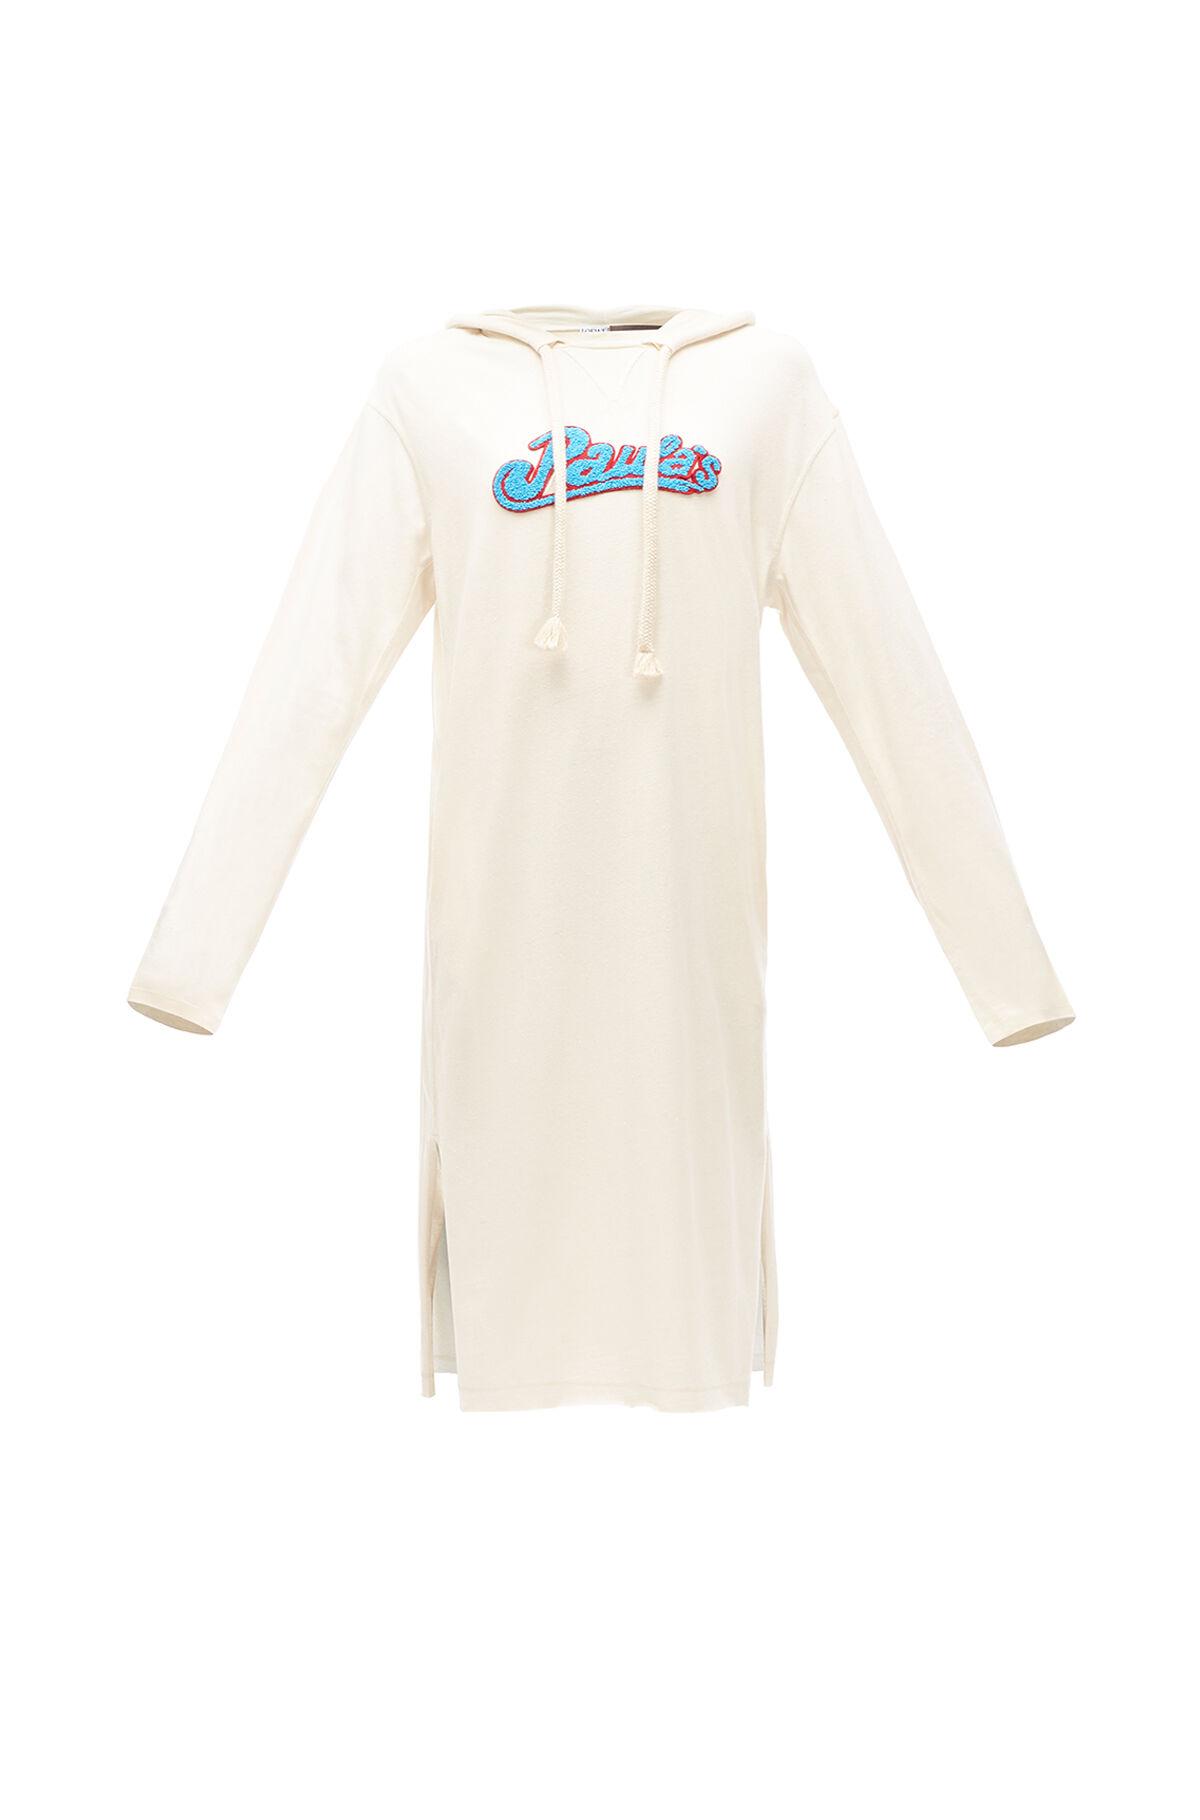 Camisetas Loewe Y Lujo De Para Mujer Sudaderas IY7ybf6vg